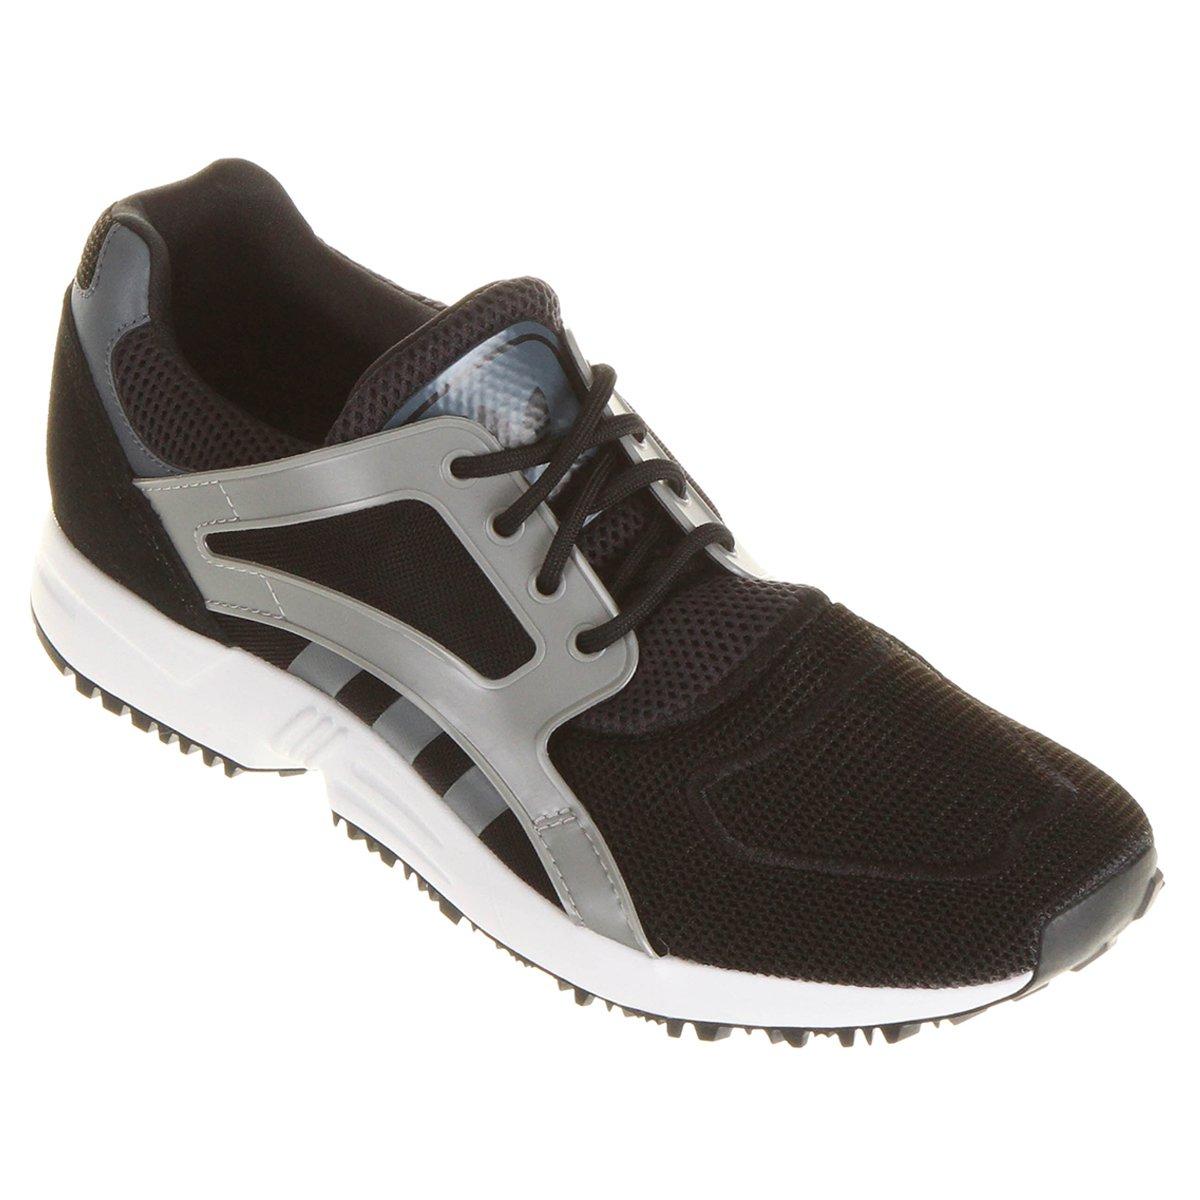 4d3796492 ... real tênis adidas zx flux racer compre agora netshoes 5a2cc d08c5 ...